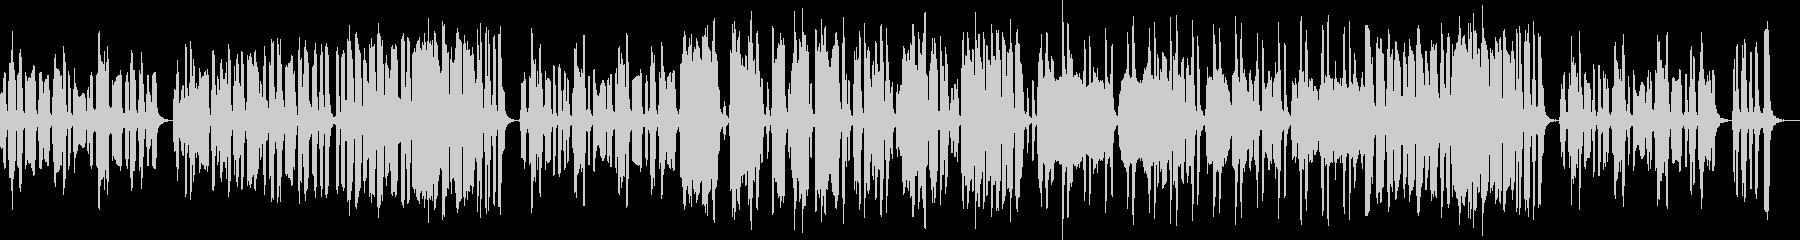 クラリネット四重奏でかわいらしい・楽しいの未再生の波形